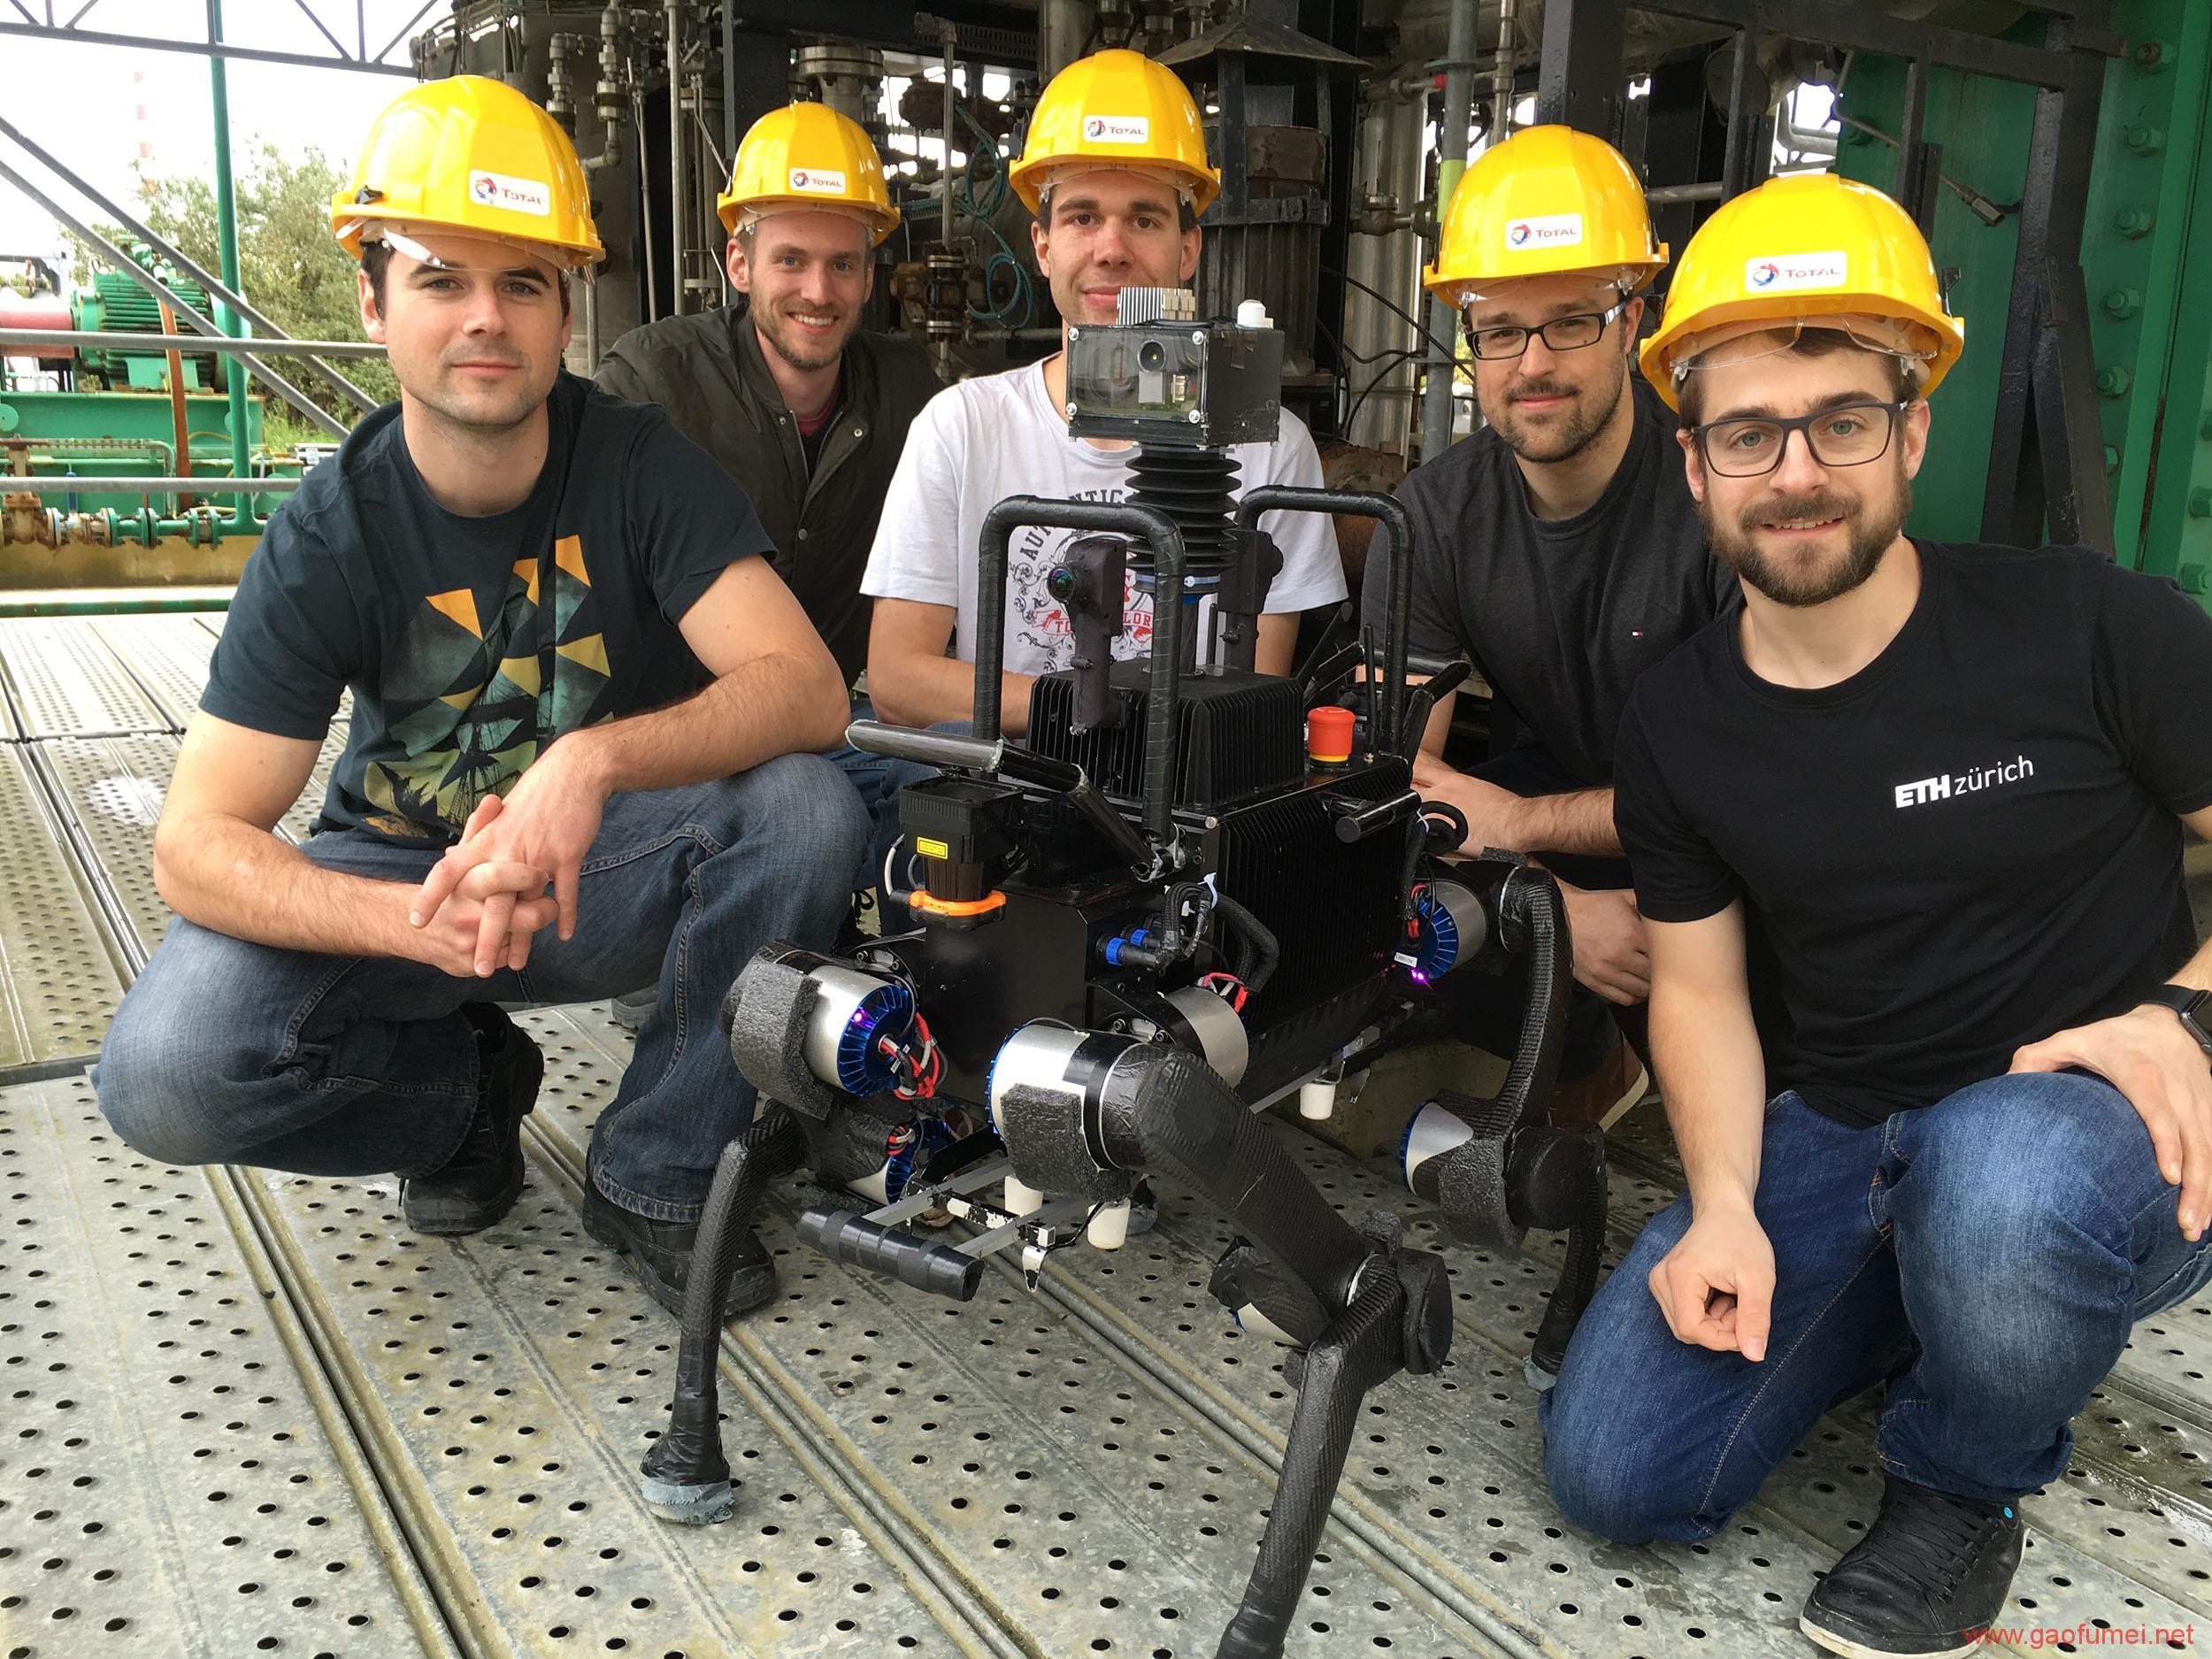 苏黎世联邦理工研发商用四足机器人爬楼梯坐电梯都不是事儿